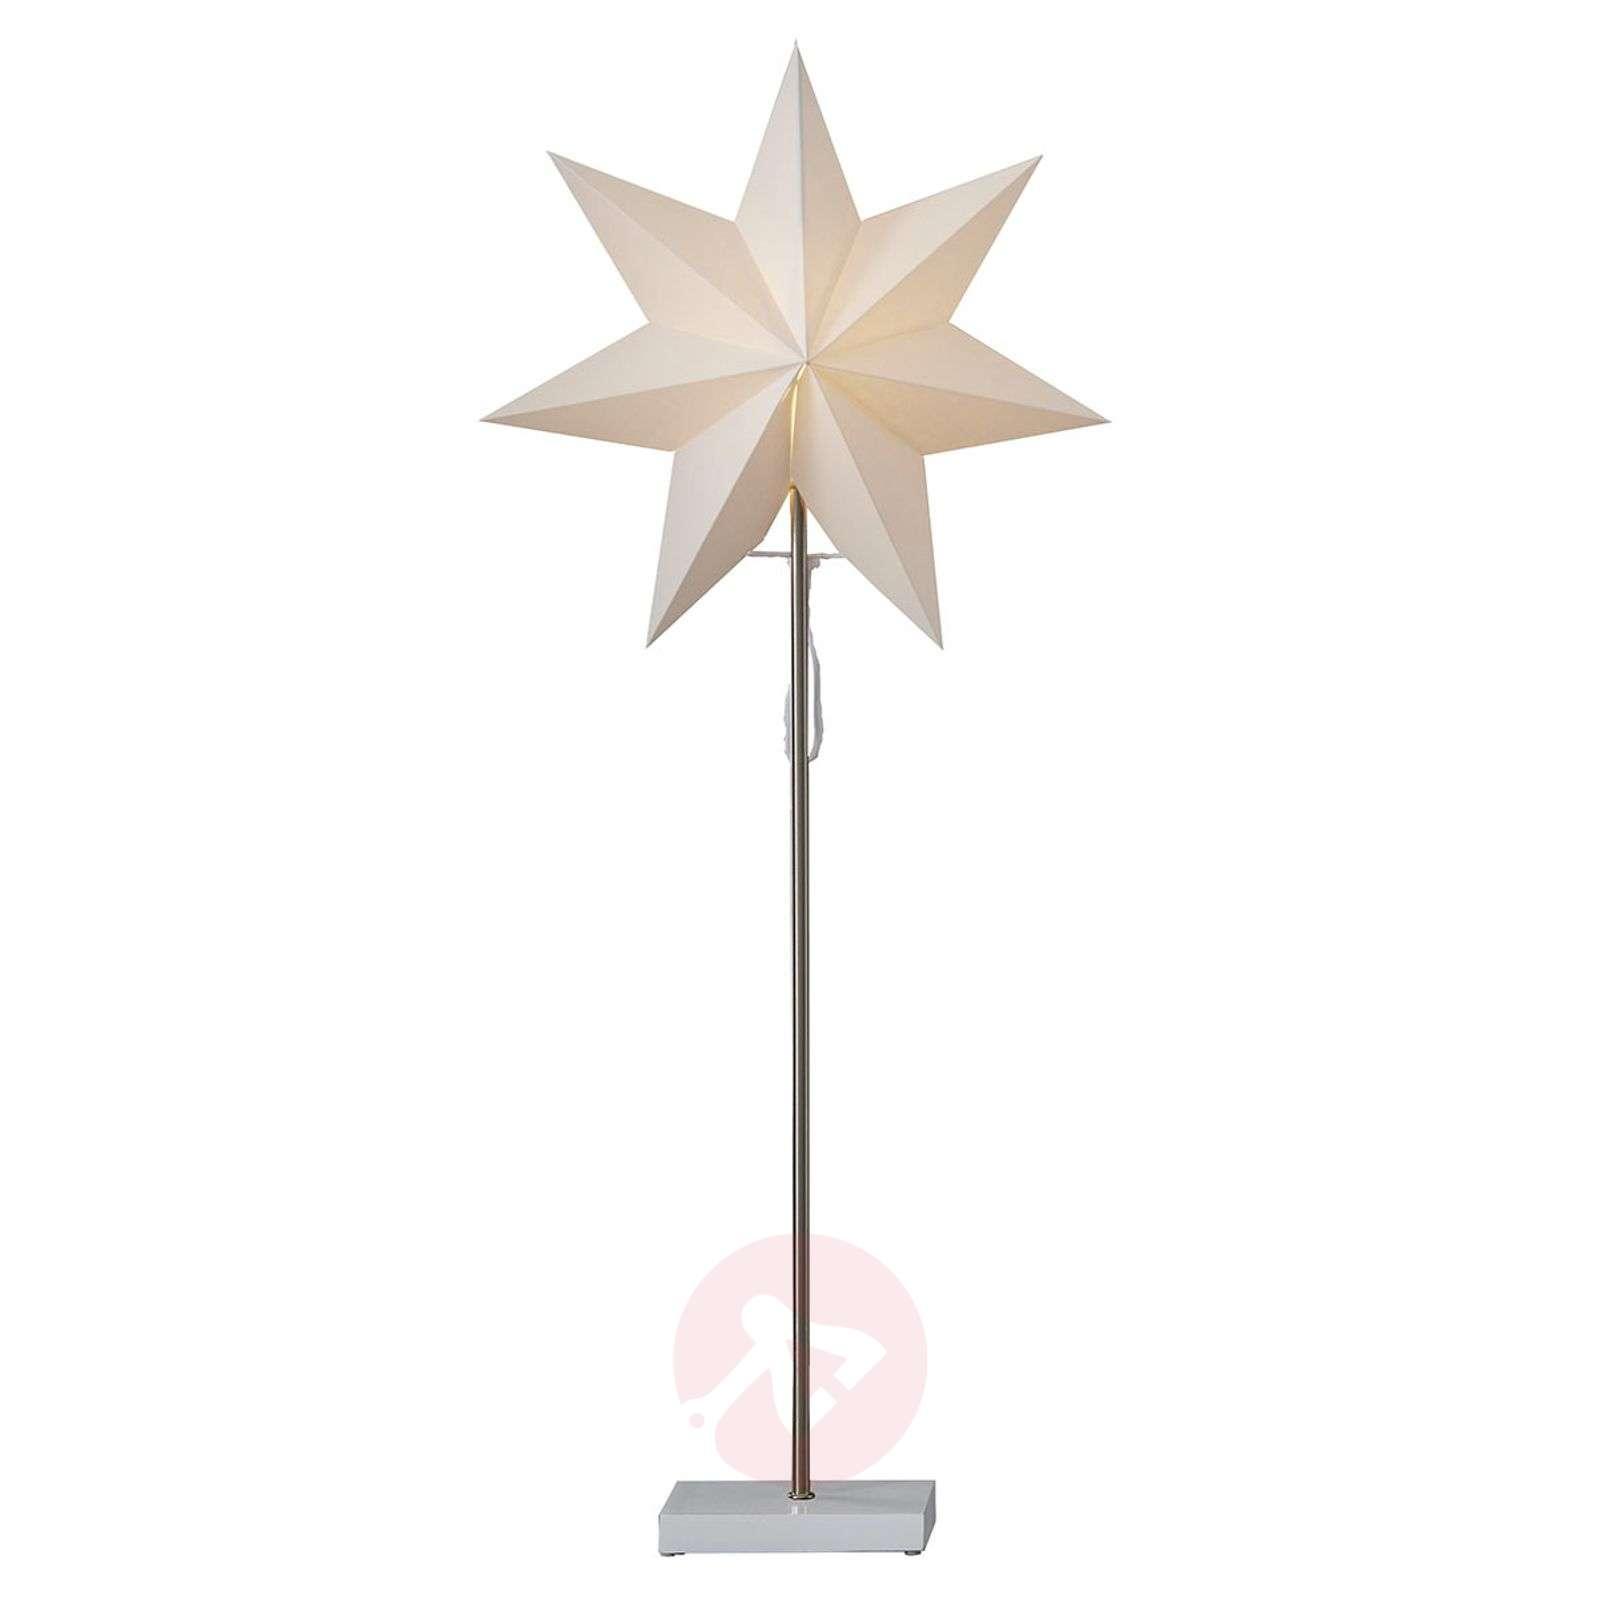 Korkea tähti-koristevalaisin Totto jalalla-1523396-01